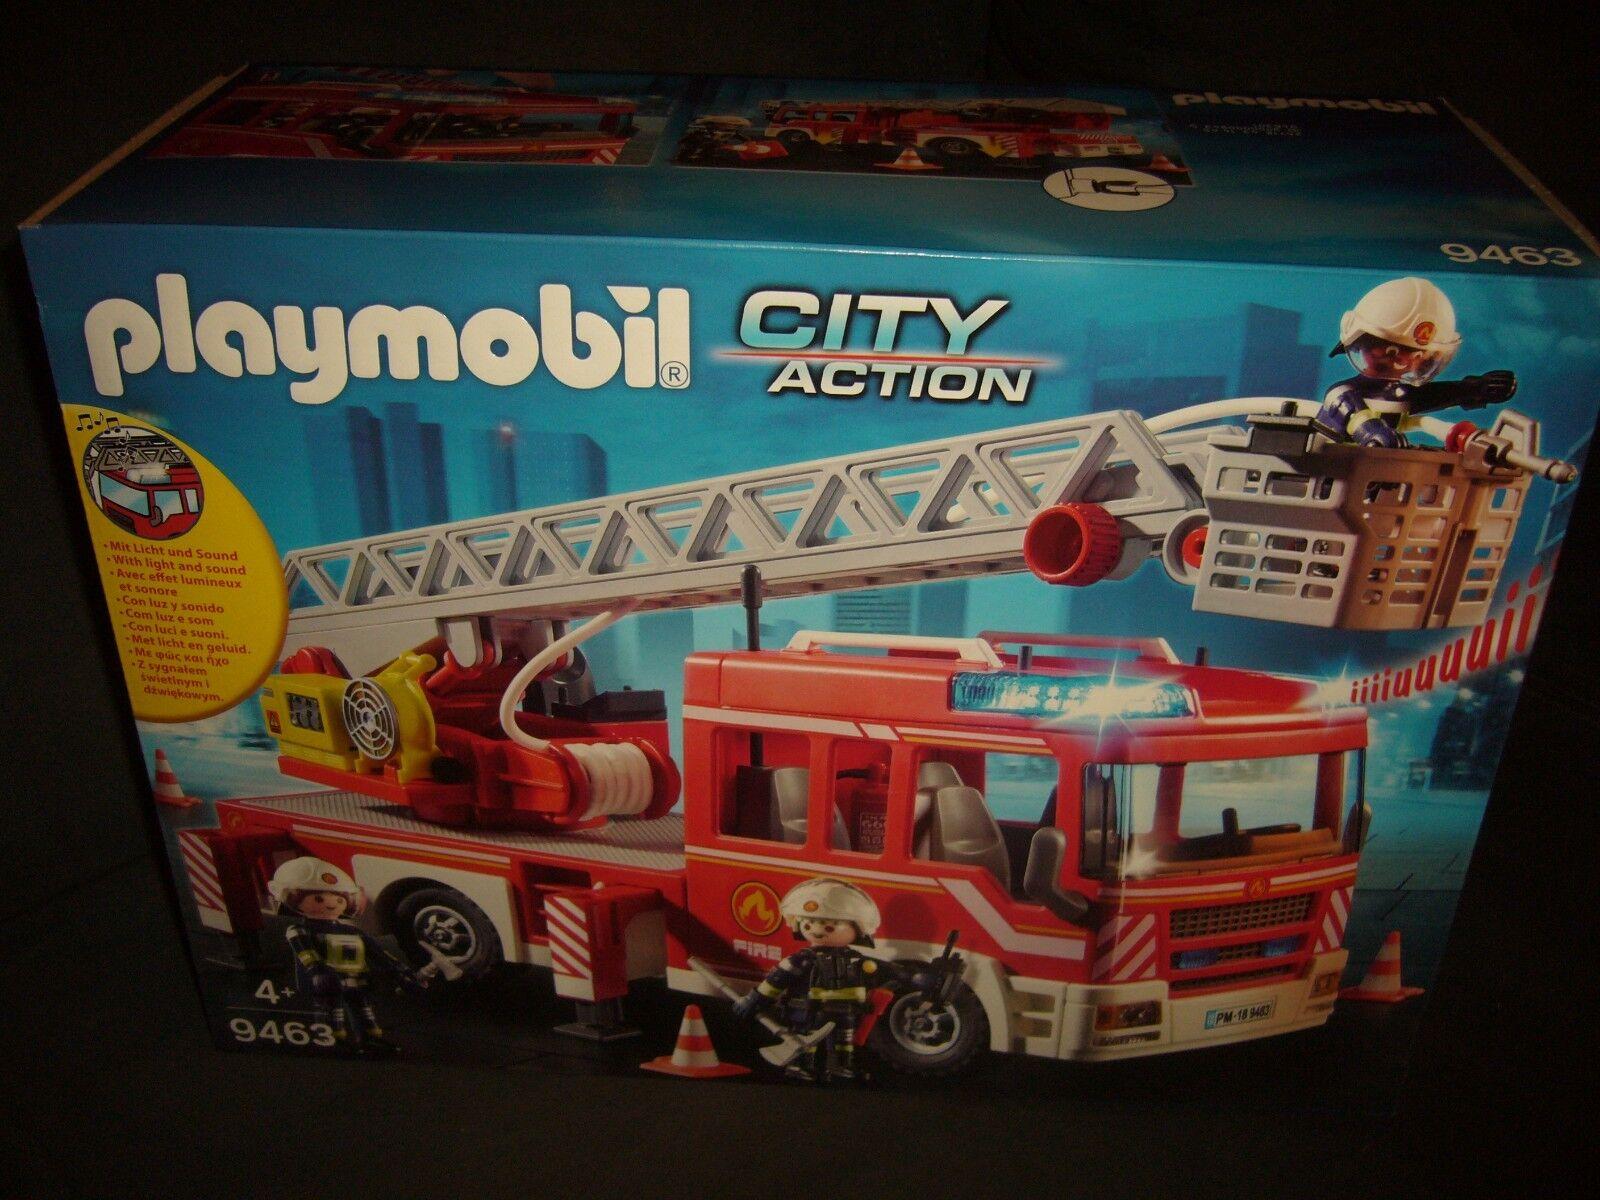 Playmobil 9463 Feuerwehr -Leiterfahrzeug City Action Feuerwehrauto RC fähig